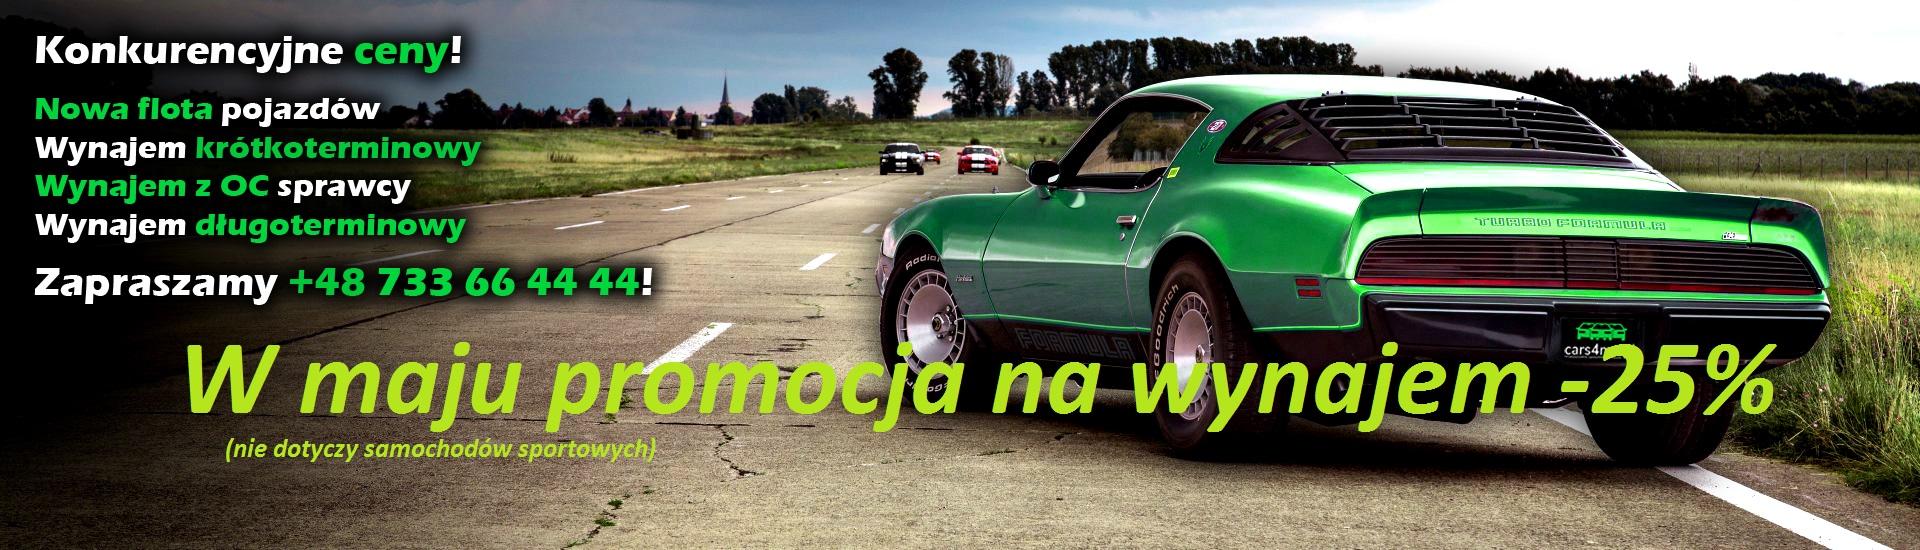 Wypożyczalnia samochodów Rzeszów - Lotnisko | cars4me.pl